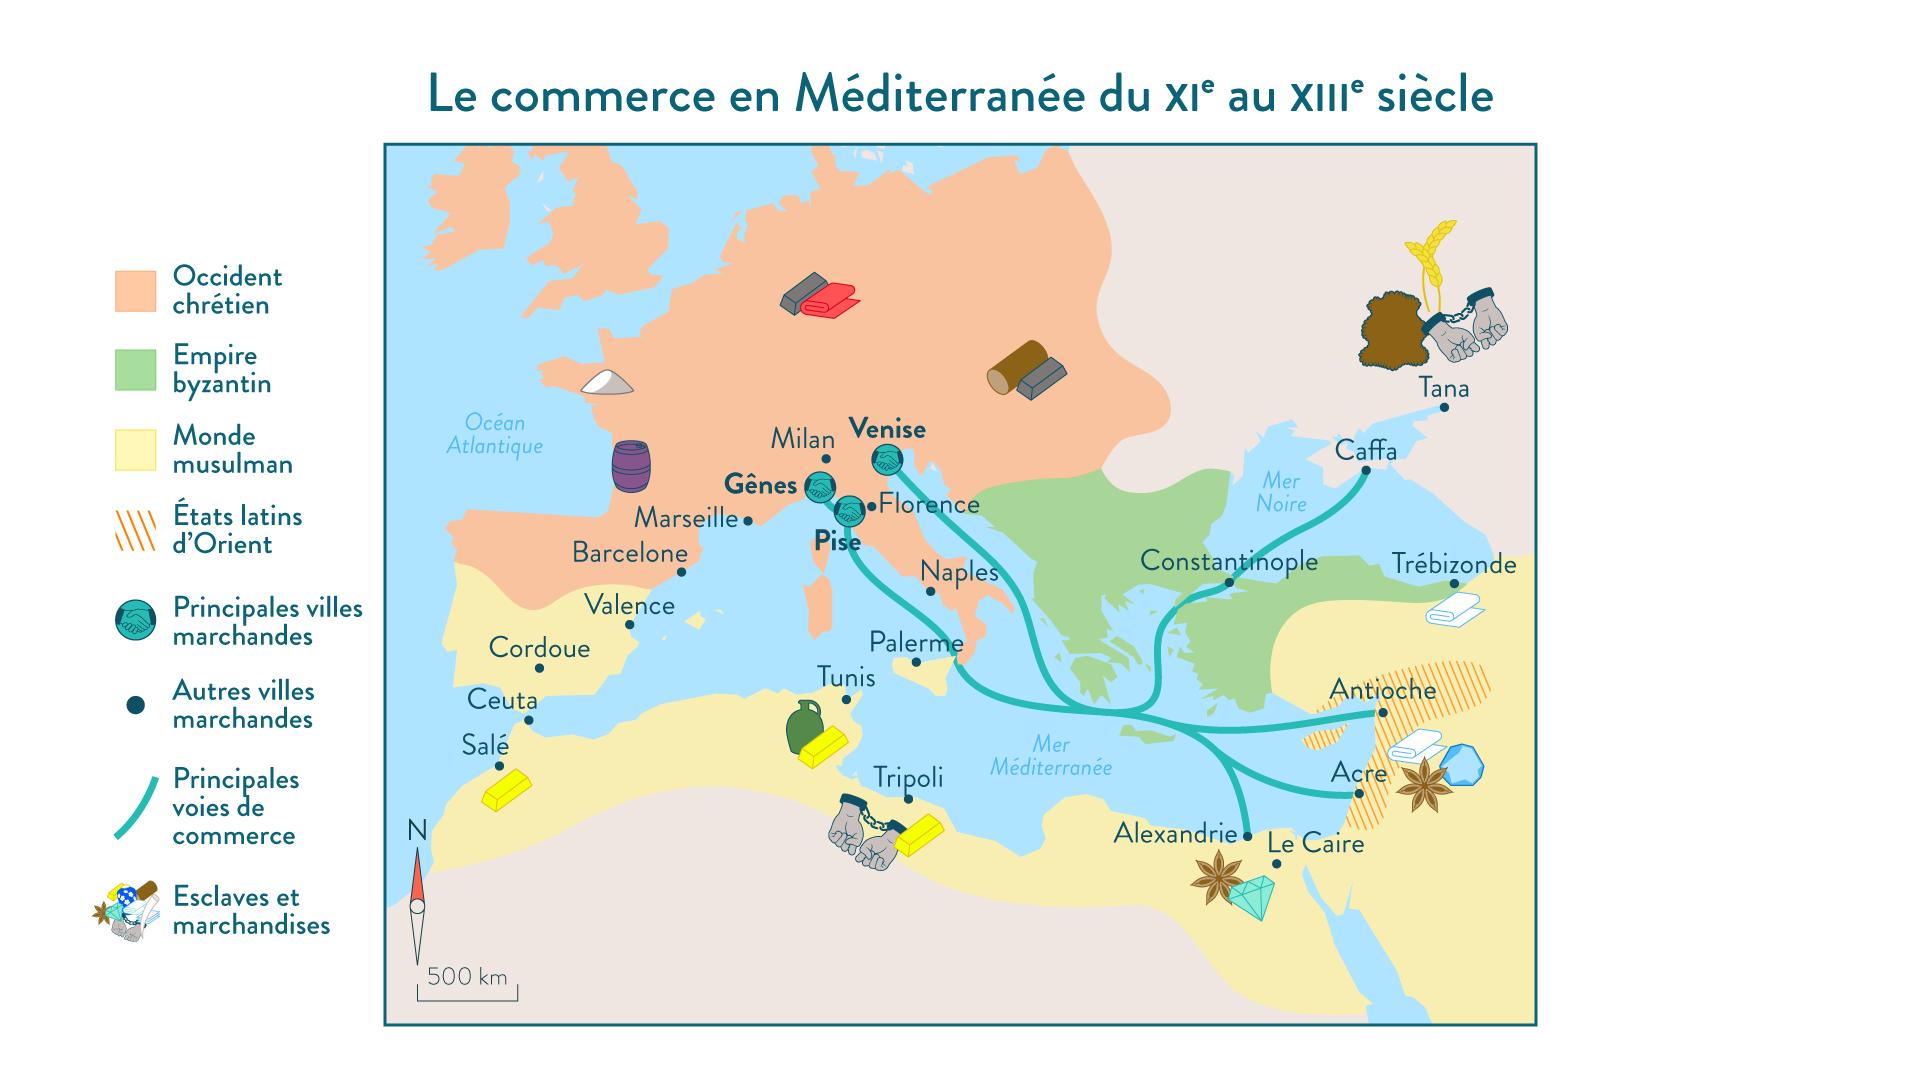 Le commerce en Méditerranée du XIe au XIIIe siècle - 5e - histoire